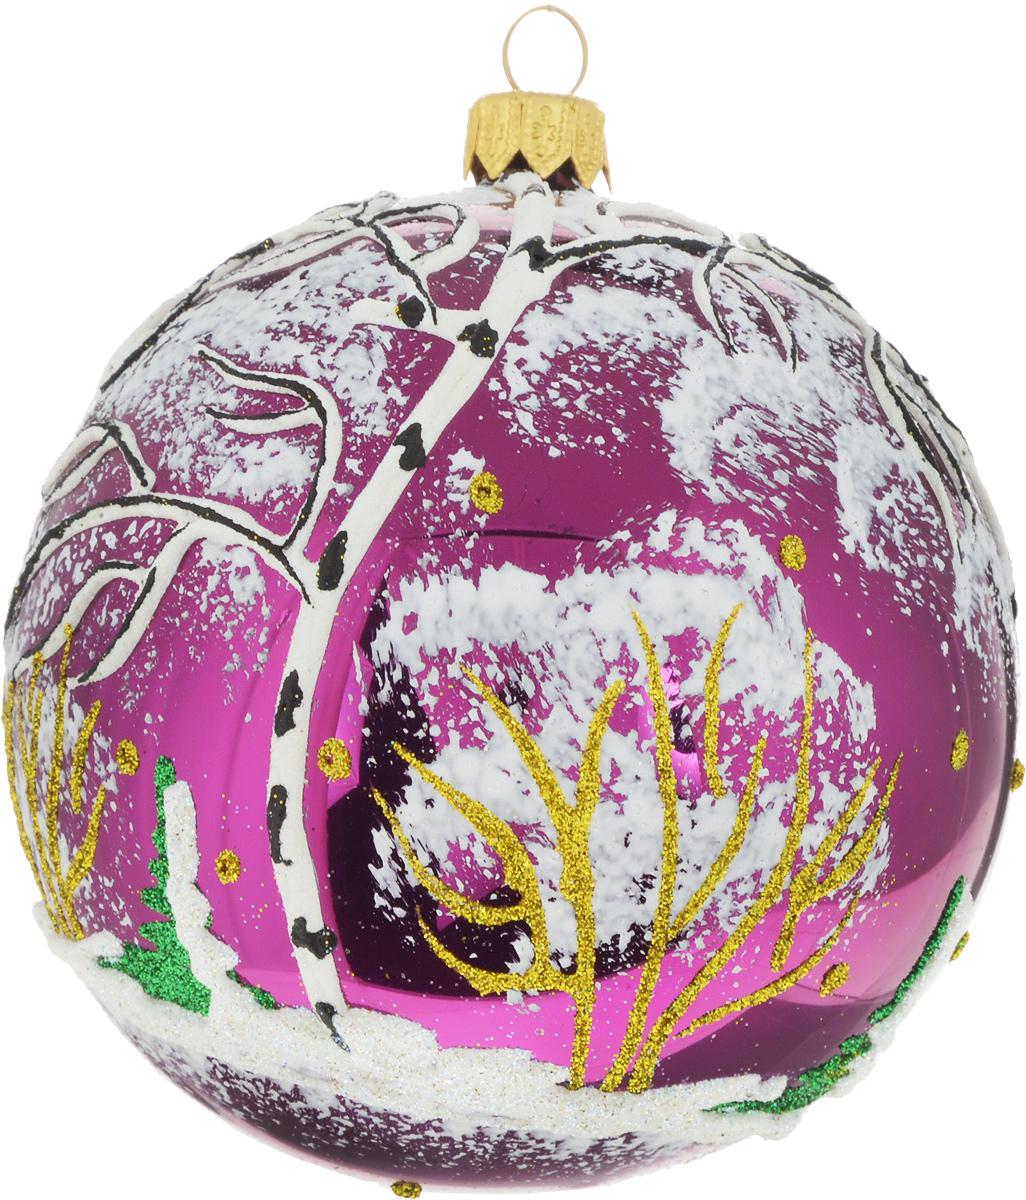 Новогоднее елочное украшение Иней Березка, цвет: сиреневый, белый, диаметр 10 см1519286_малиновыйЯркий елочный шар ручной работы Березка, изготовленный из стекла, станет символом приближающегосяпраздника. Игрушка послужит прекрасным подарком, как для ребенка, так и для взрослого, а также дополнитновогодний интерьер. Украшение будет отлично смотреться на праздничной елке.Диаметр шара: 10 см.